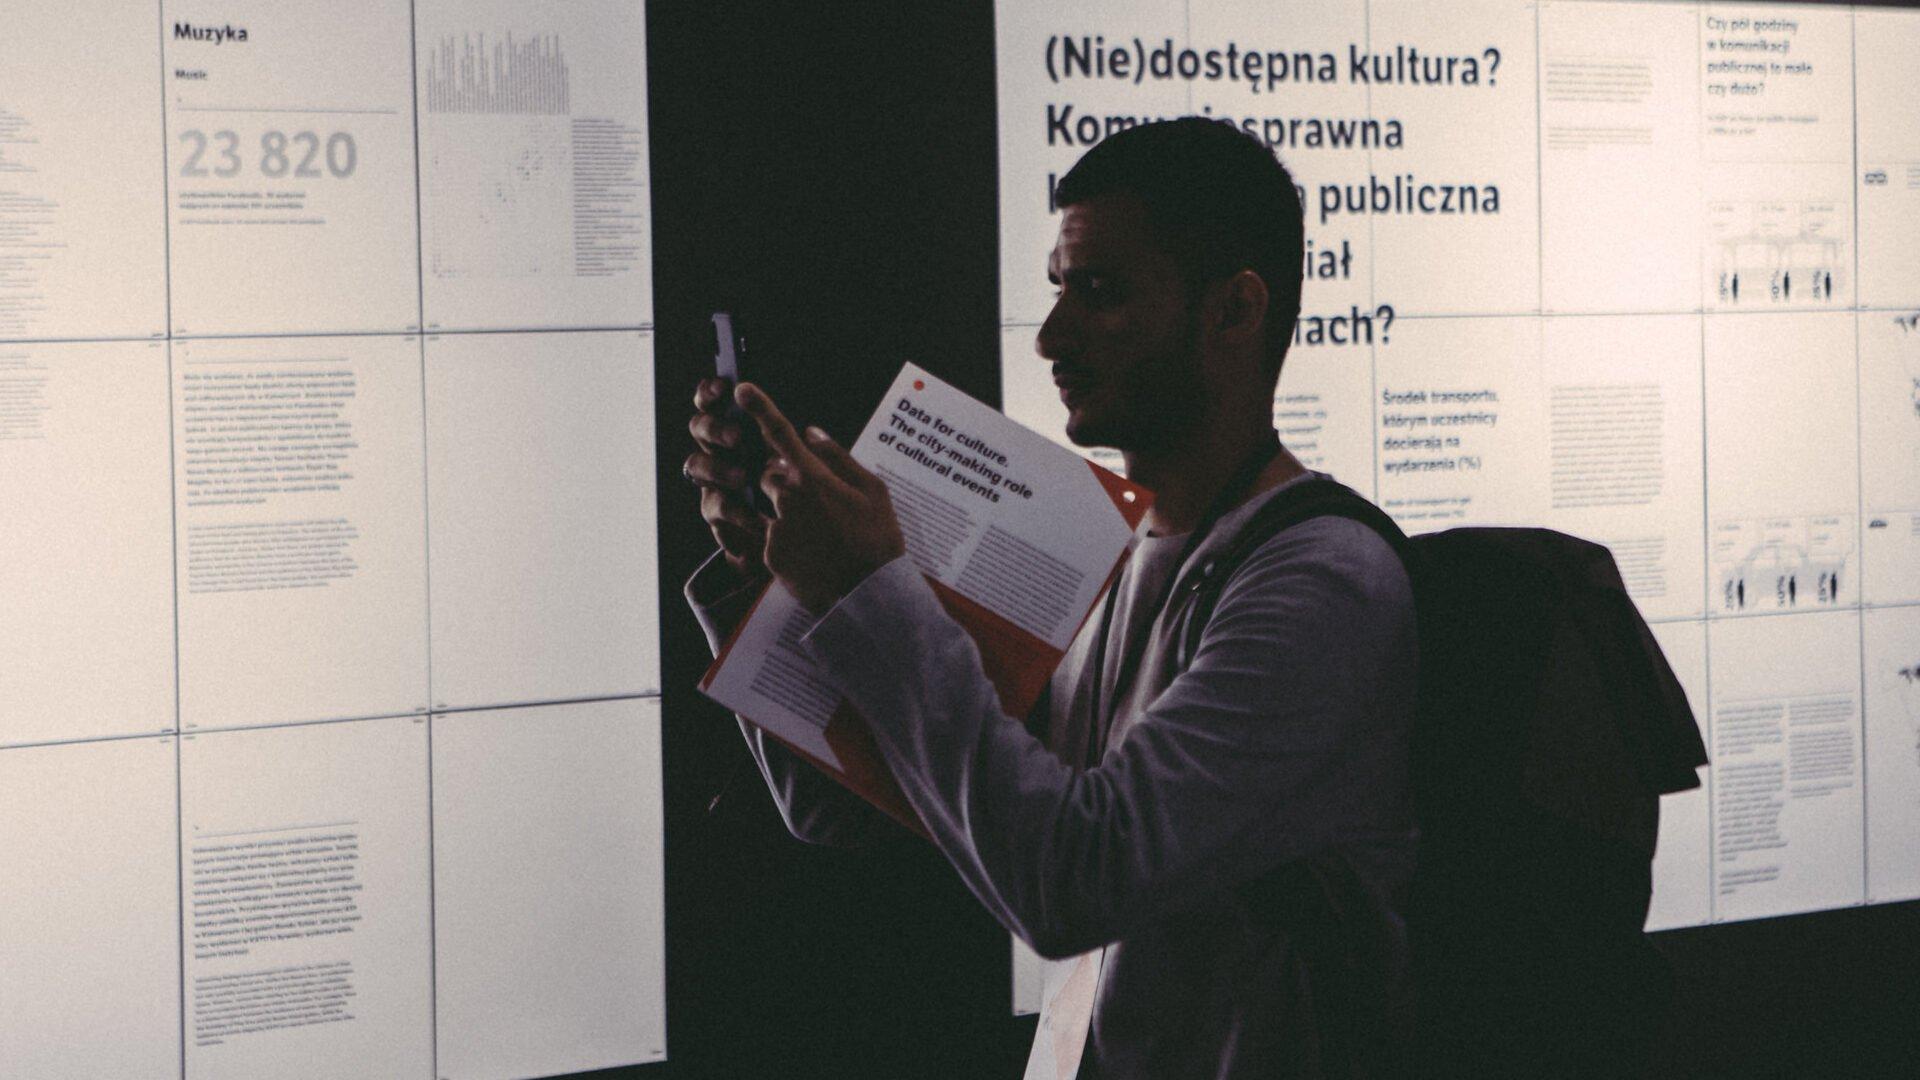 Zdjęcie pokazujące mężczyznę robiącego zdjęcie telefonem komórkowym. Znajduje się w instytucji kultury i ogląda ekspozycję. W ręku ma folder informacyjny.